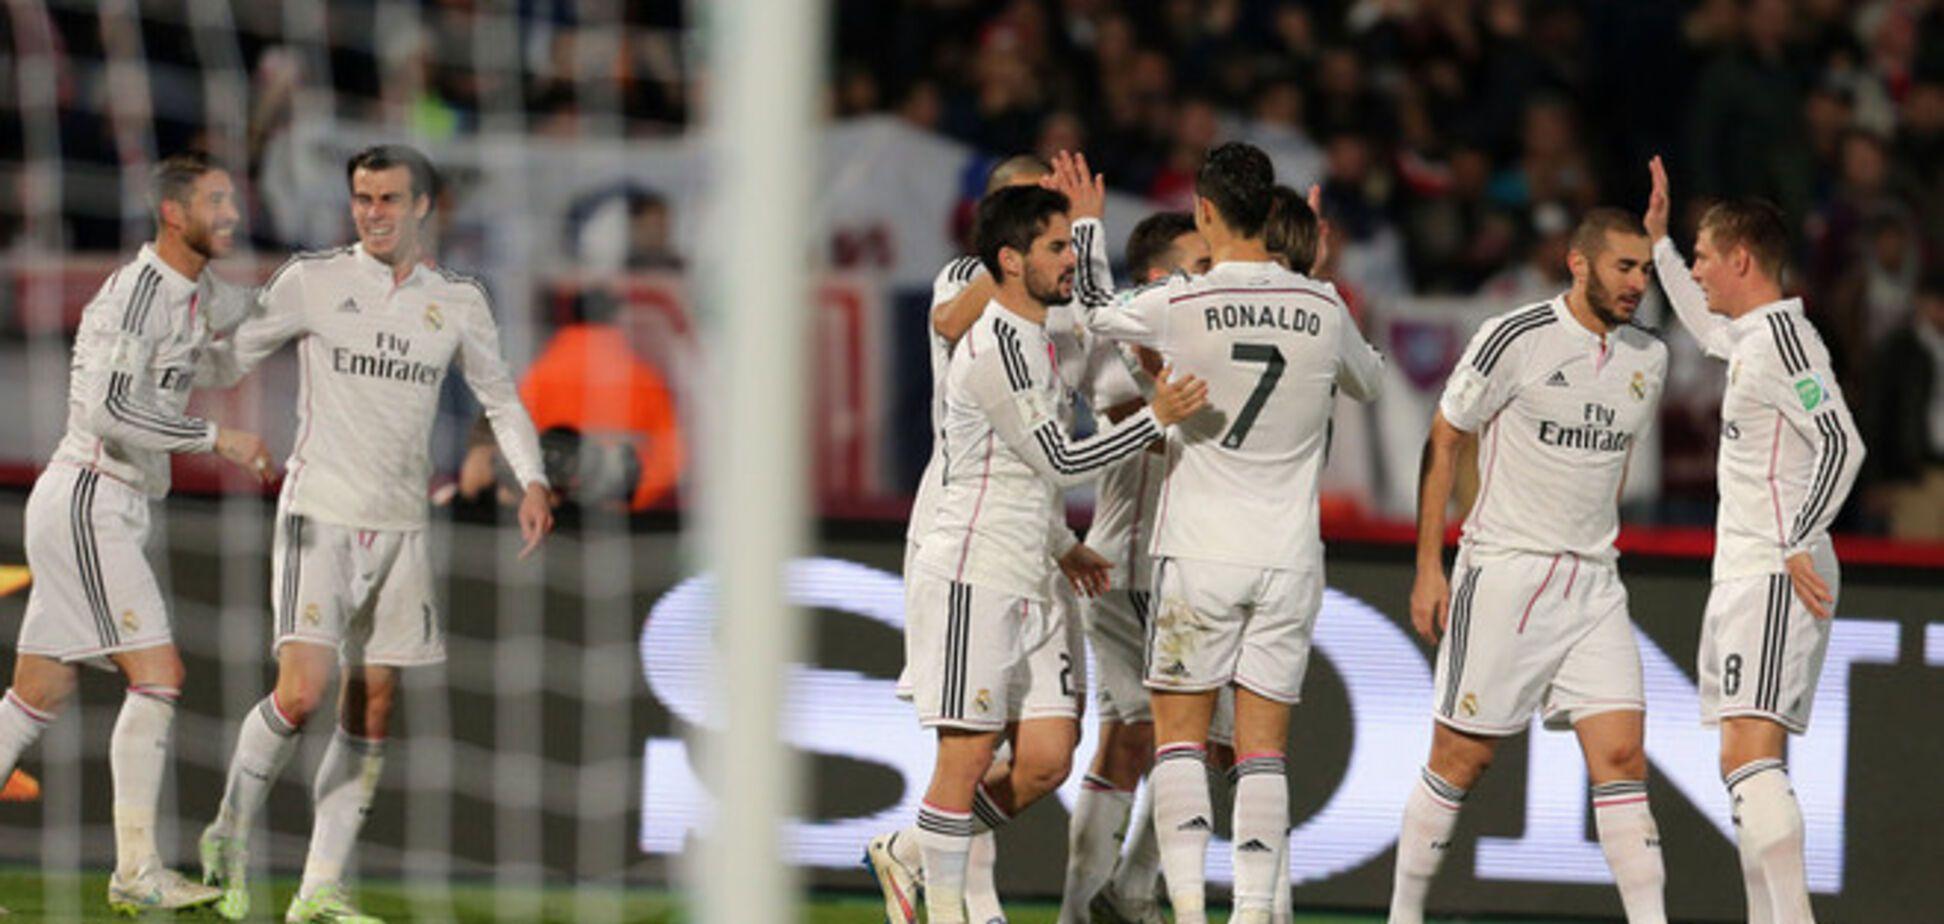 'Реал' разобрался с 'Циклопами' и стал чемпионом мира